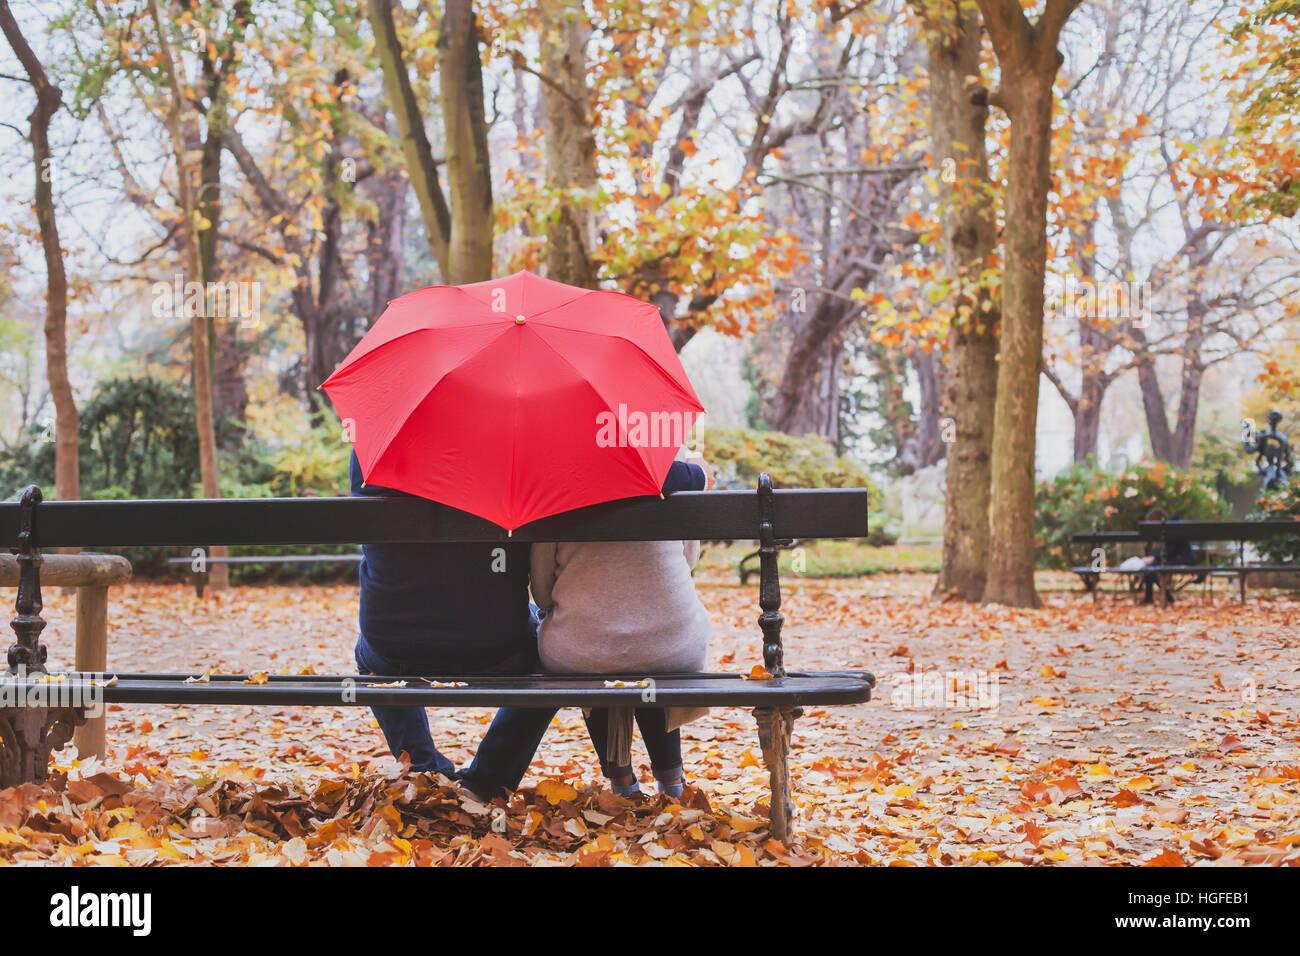 Pareja de jubilados ancianos sentados juntos en el banquillo en otoño park, el concepto de amor Imagen De Stock